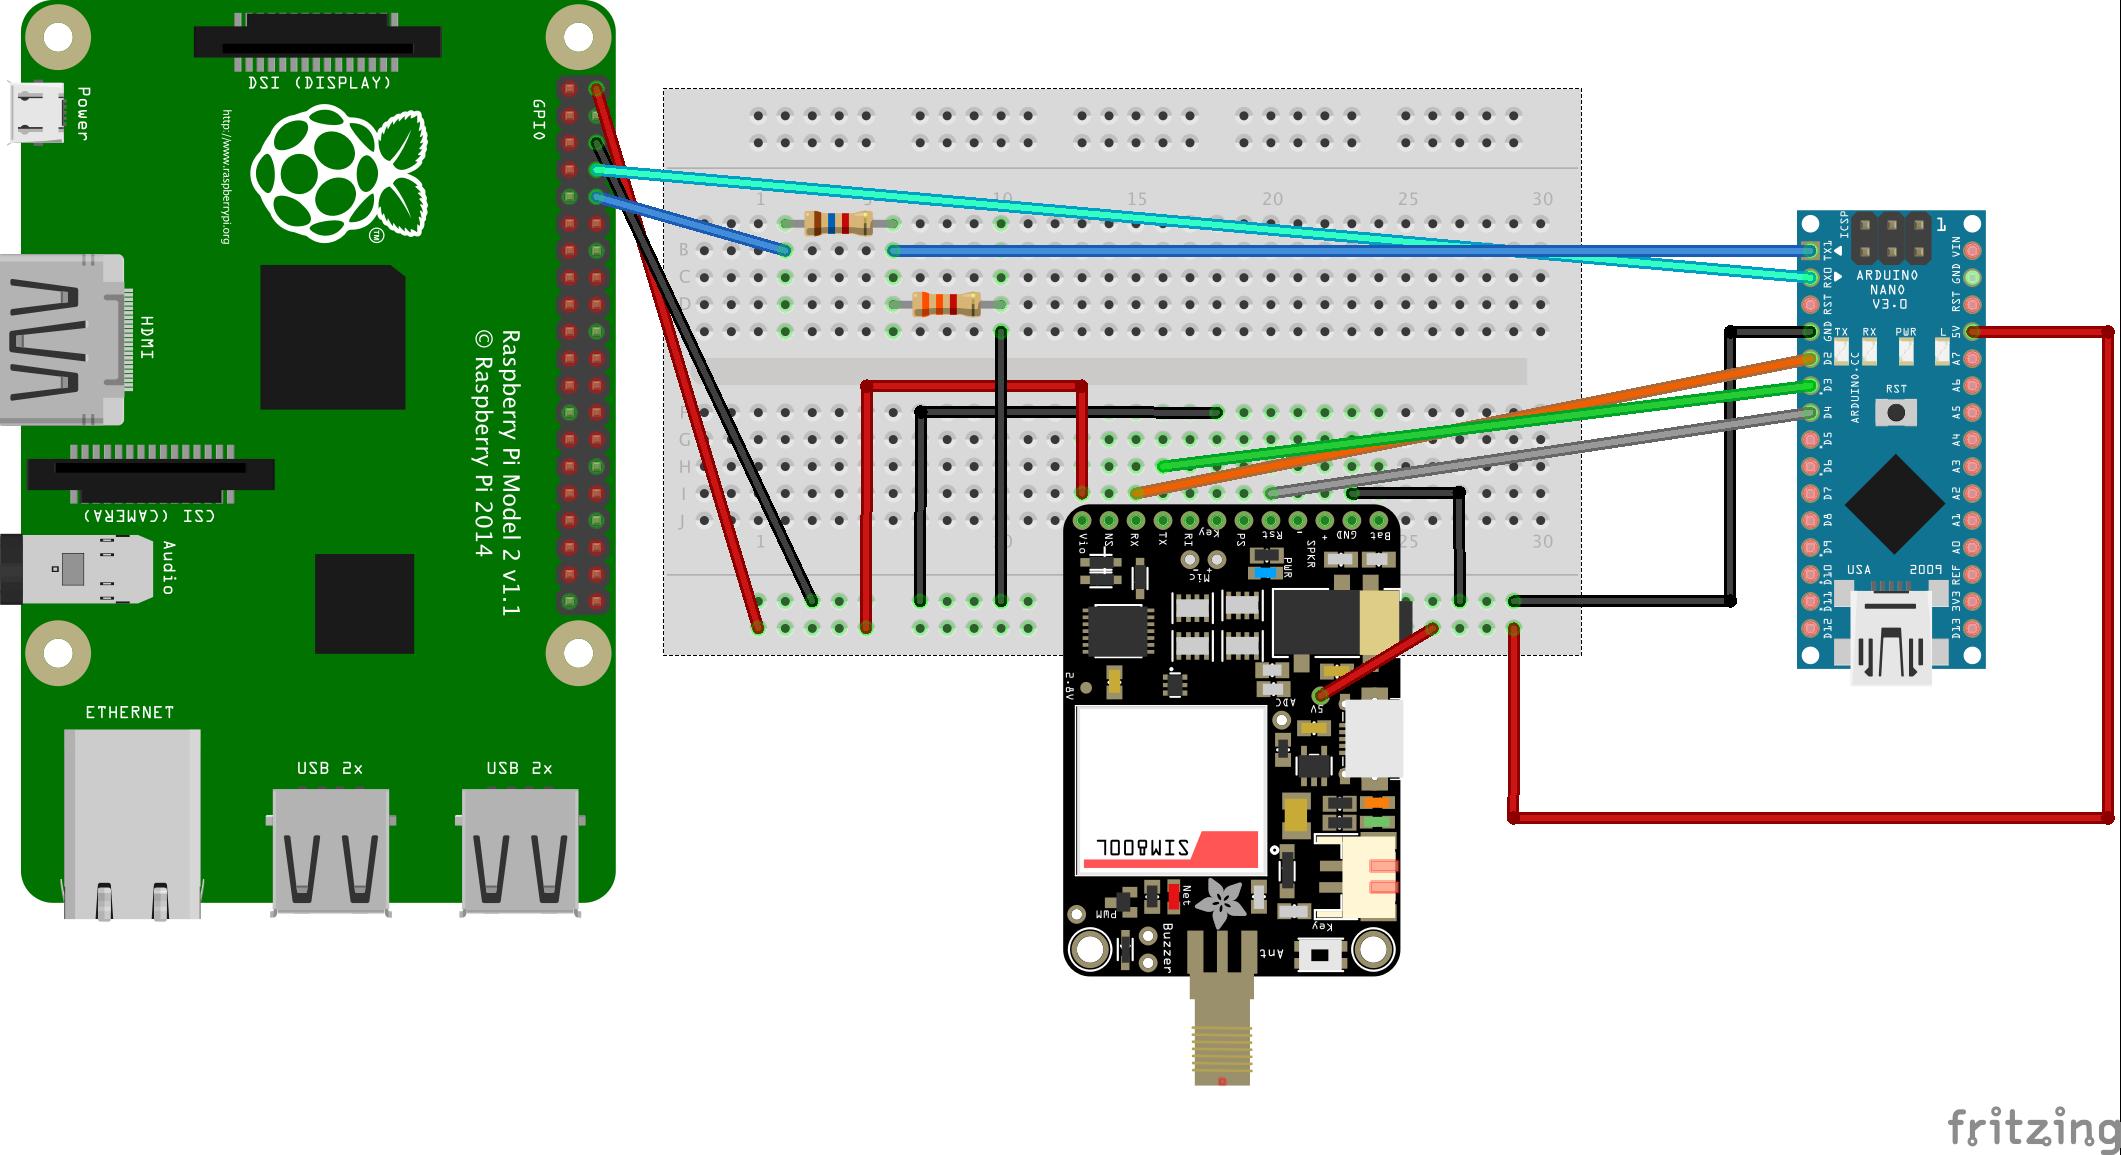 miltone etape arduino wiring diagram sim800l arduino wiring diagram | wiring library sim800l arduino wiring diagram